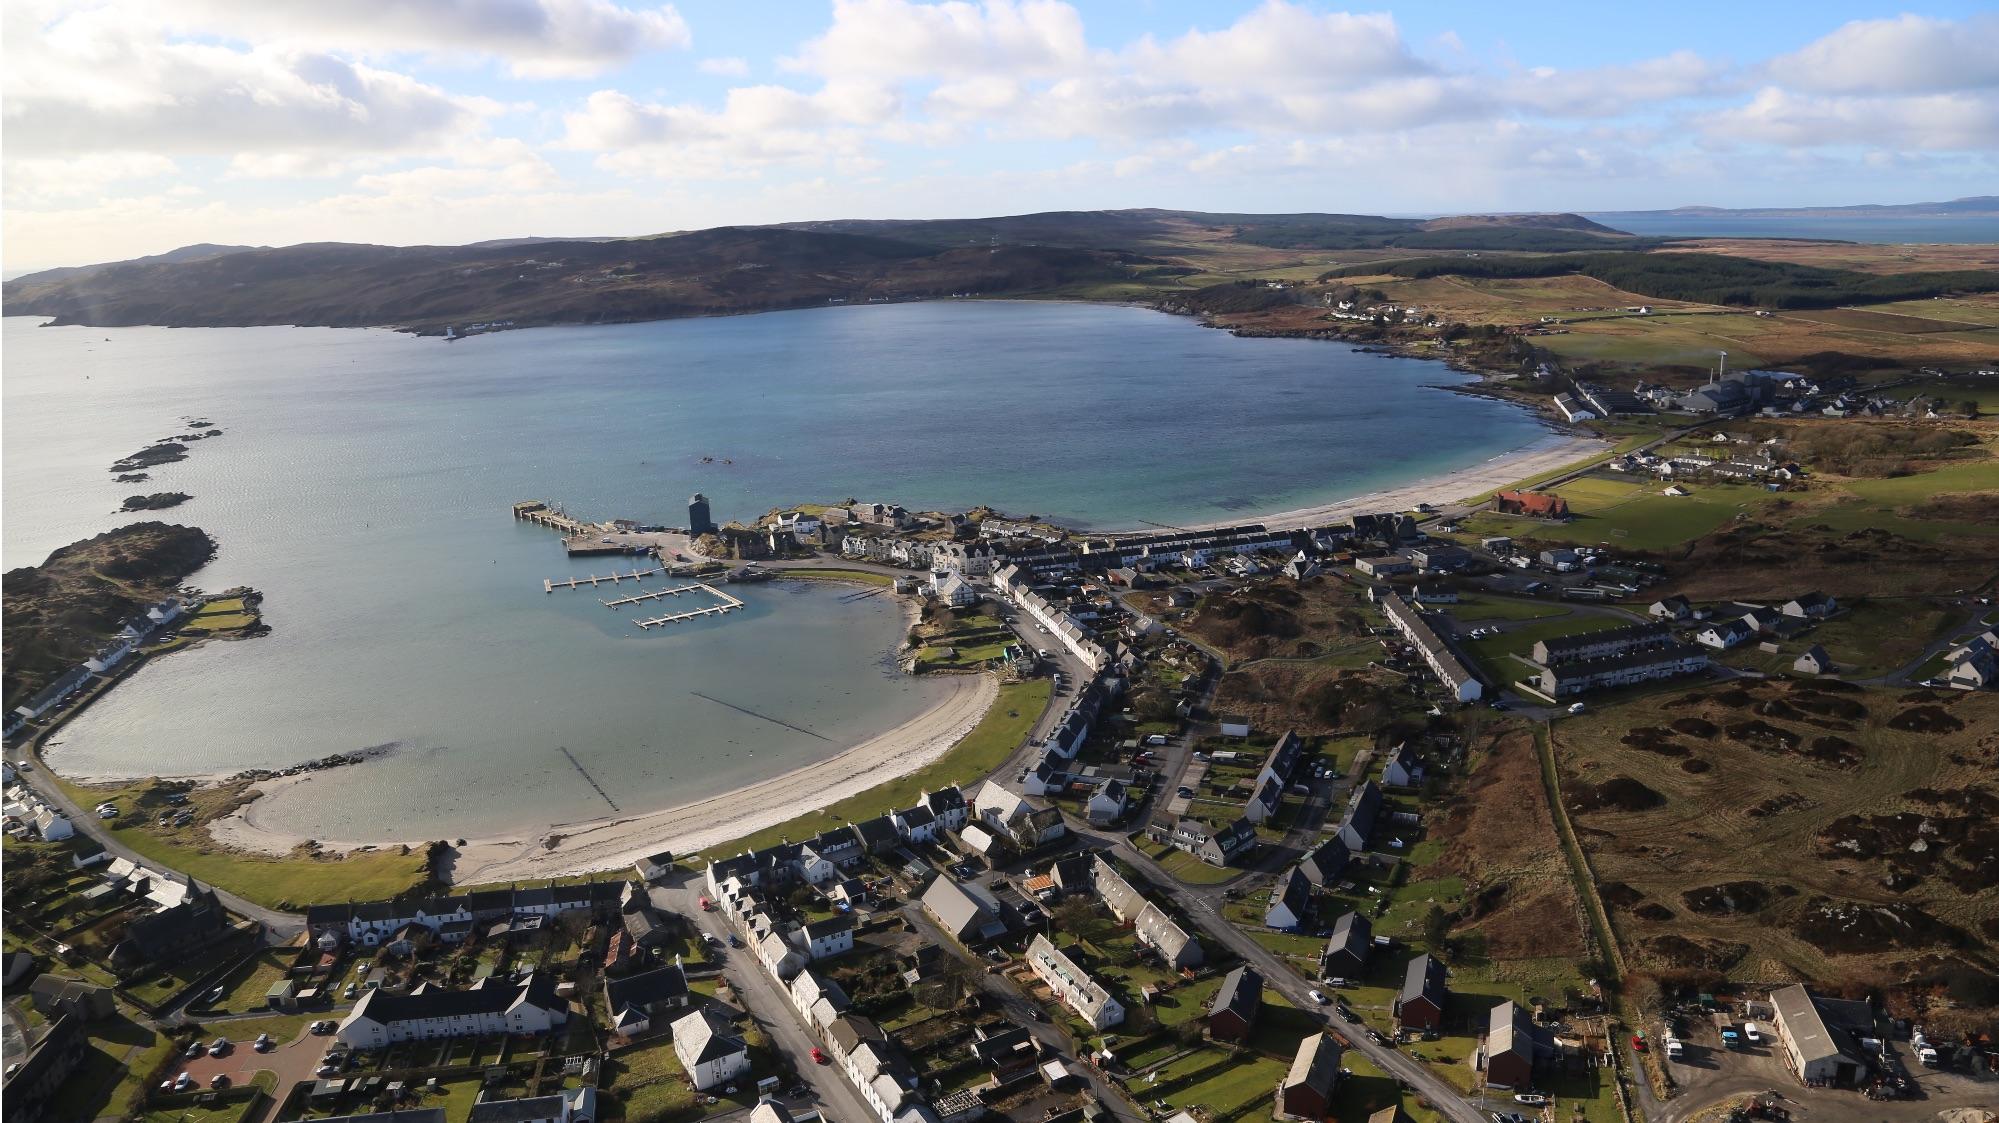 Port Ellen Bay